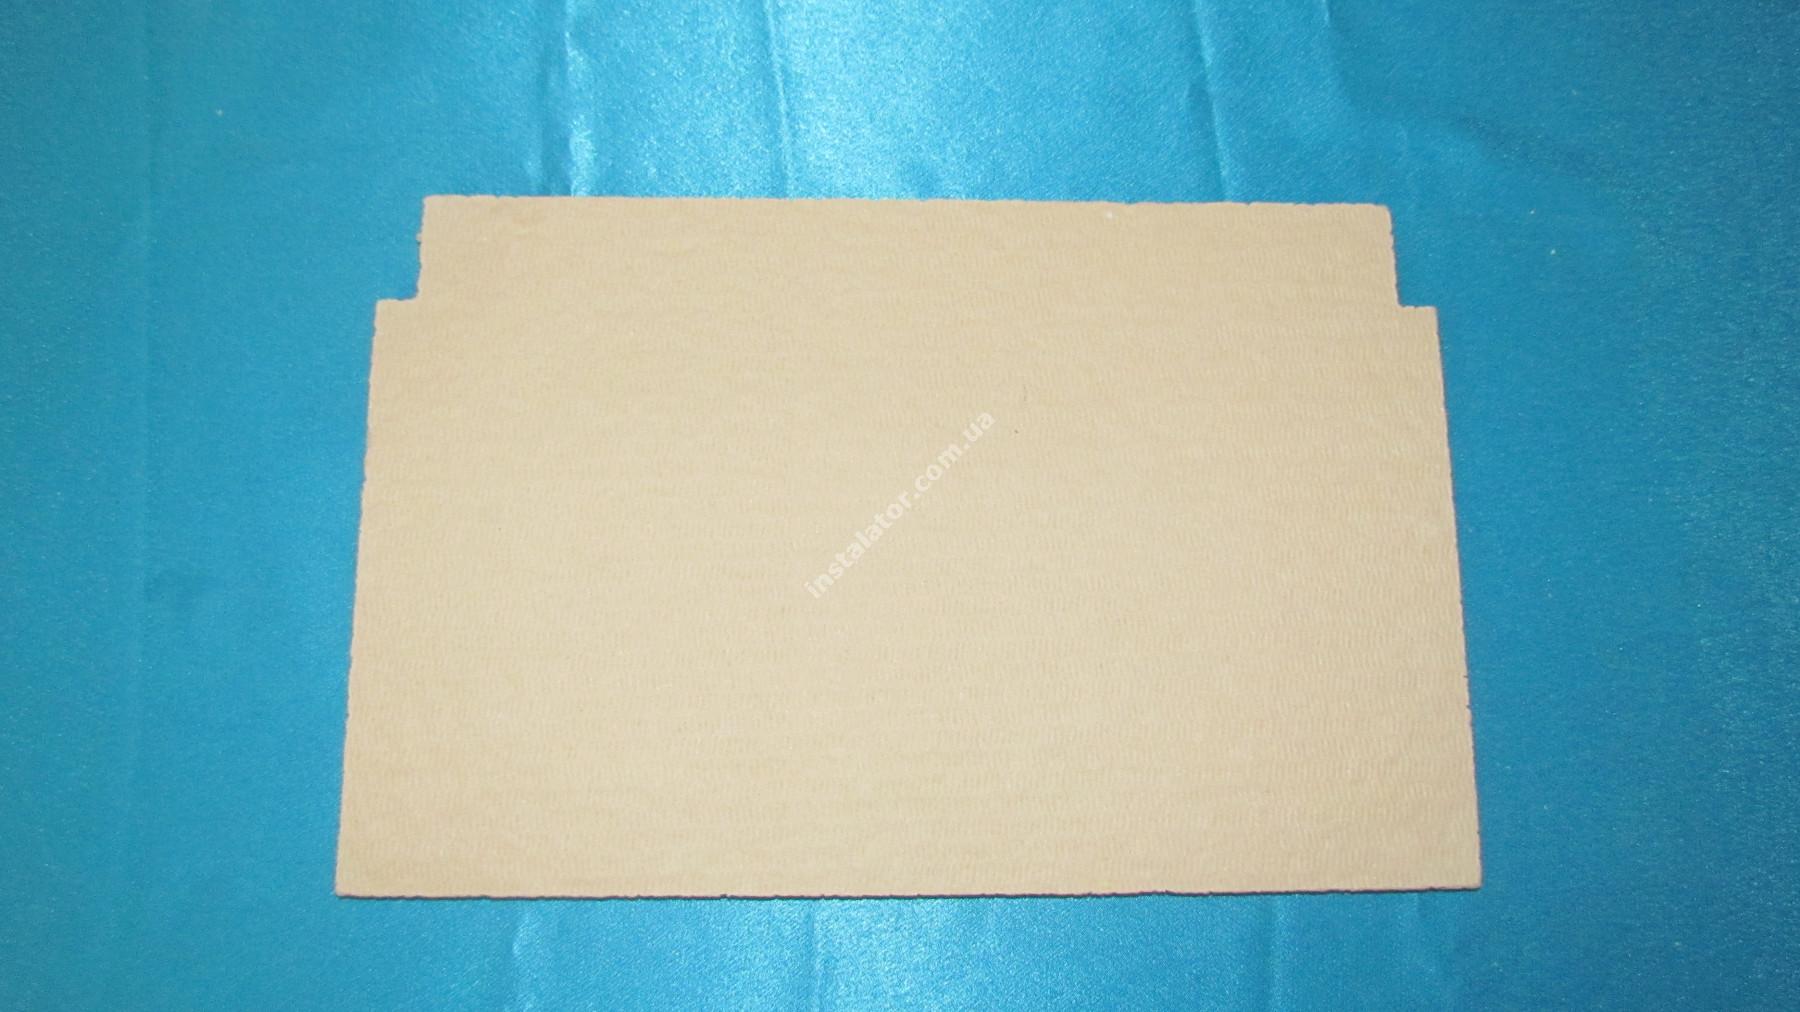 998640 Ізоляція камери згорання задня панель ARISTON  full-image-2